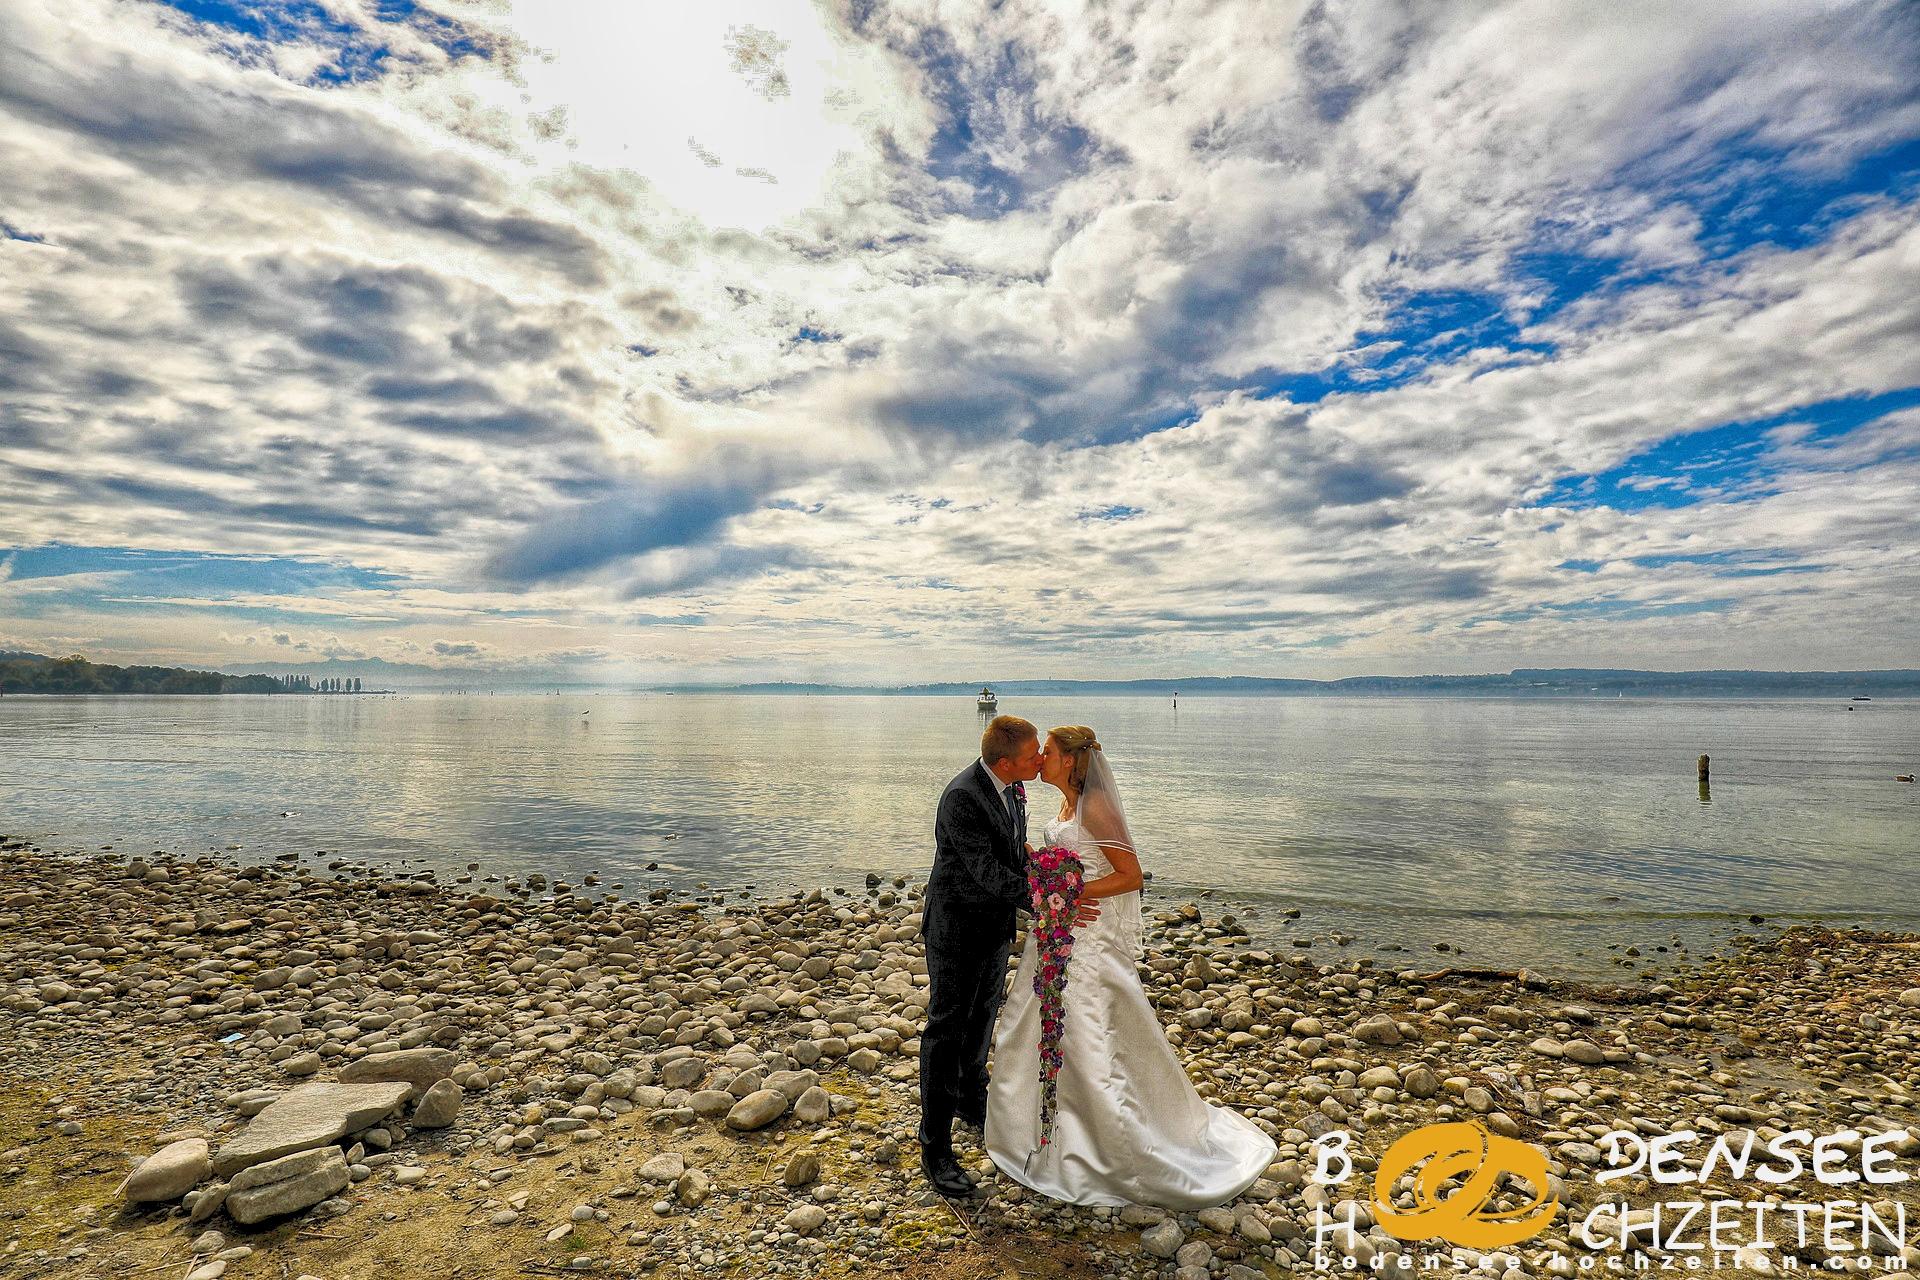 Hochzeitssaison 2019 / 2020 steht vor der Tür